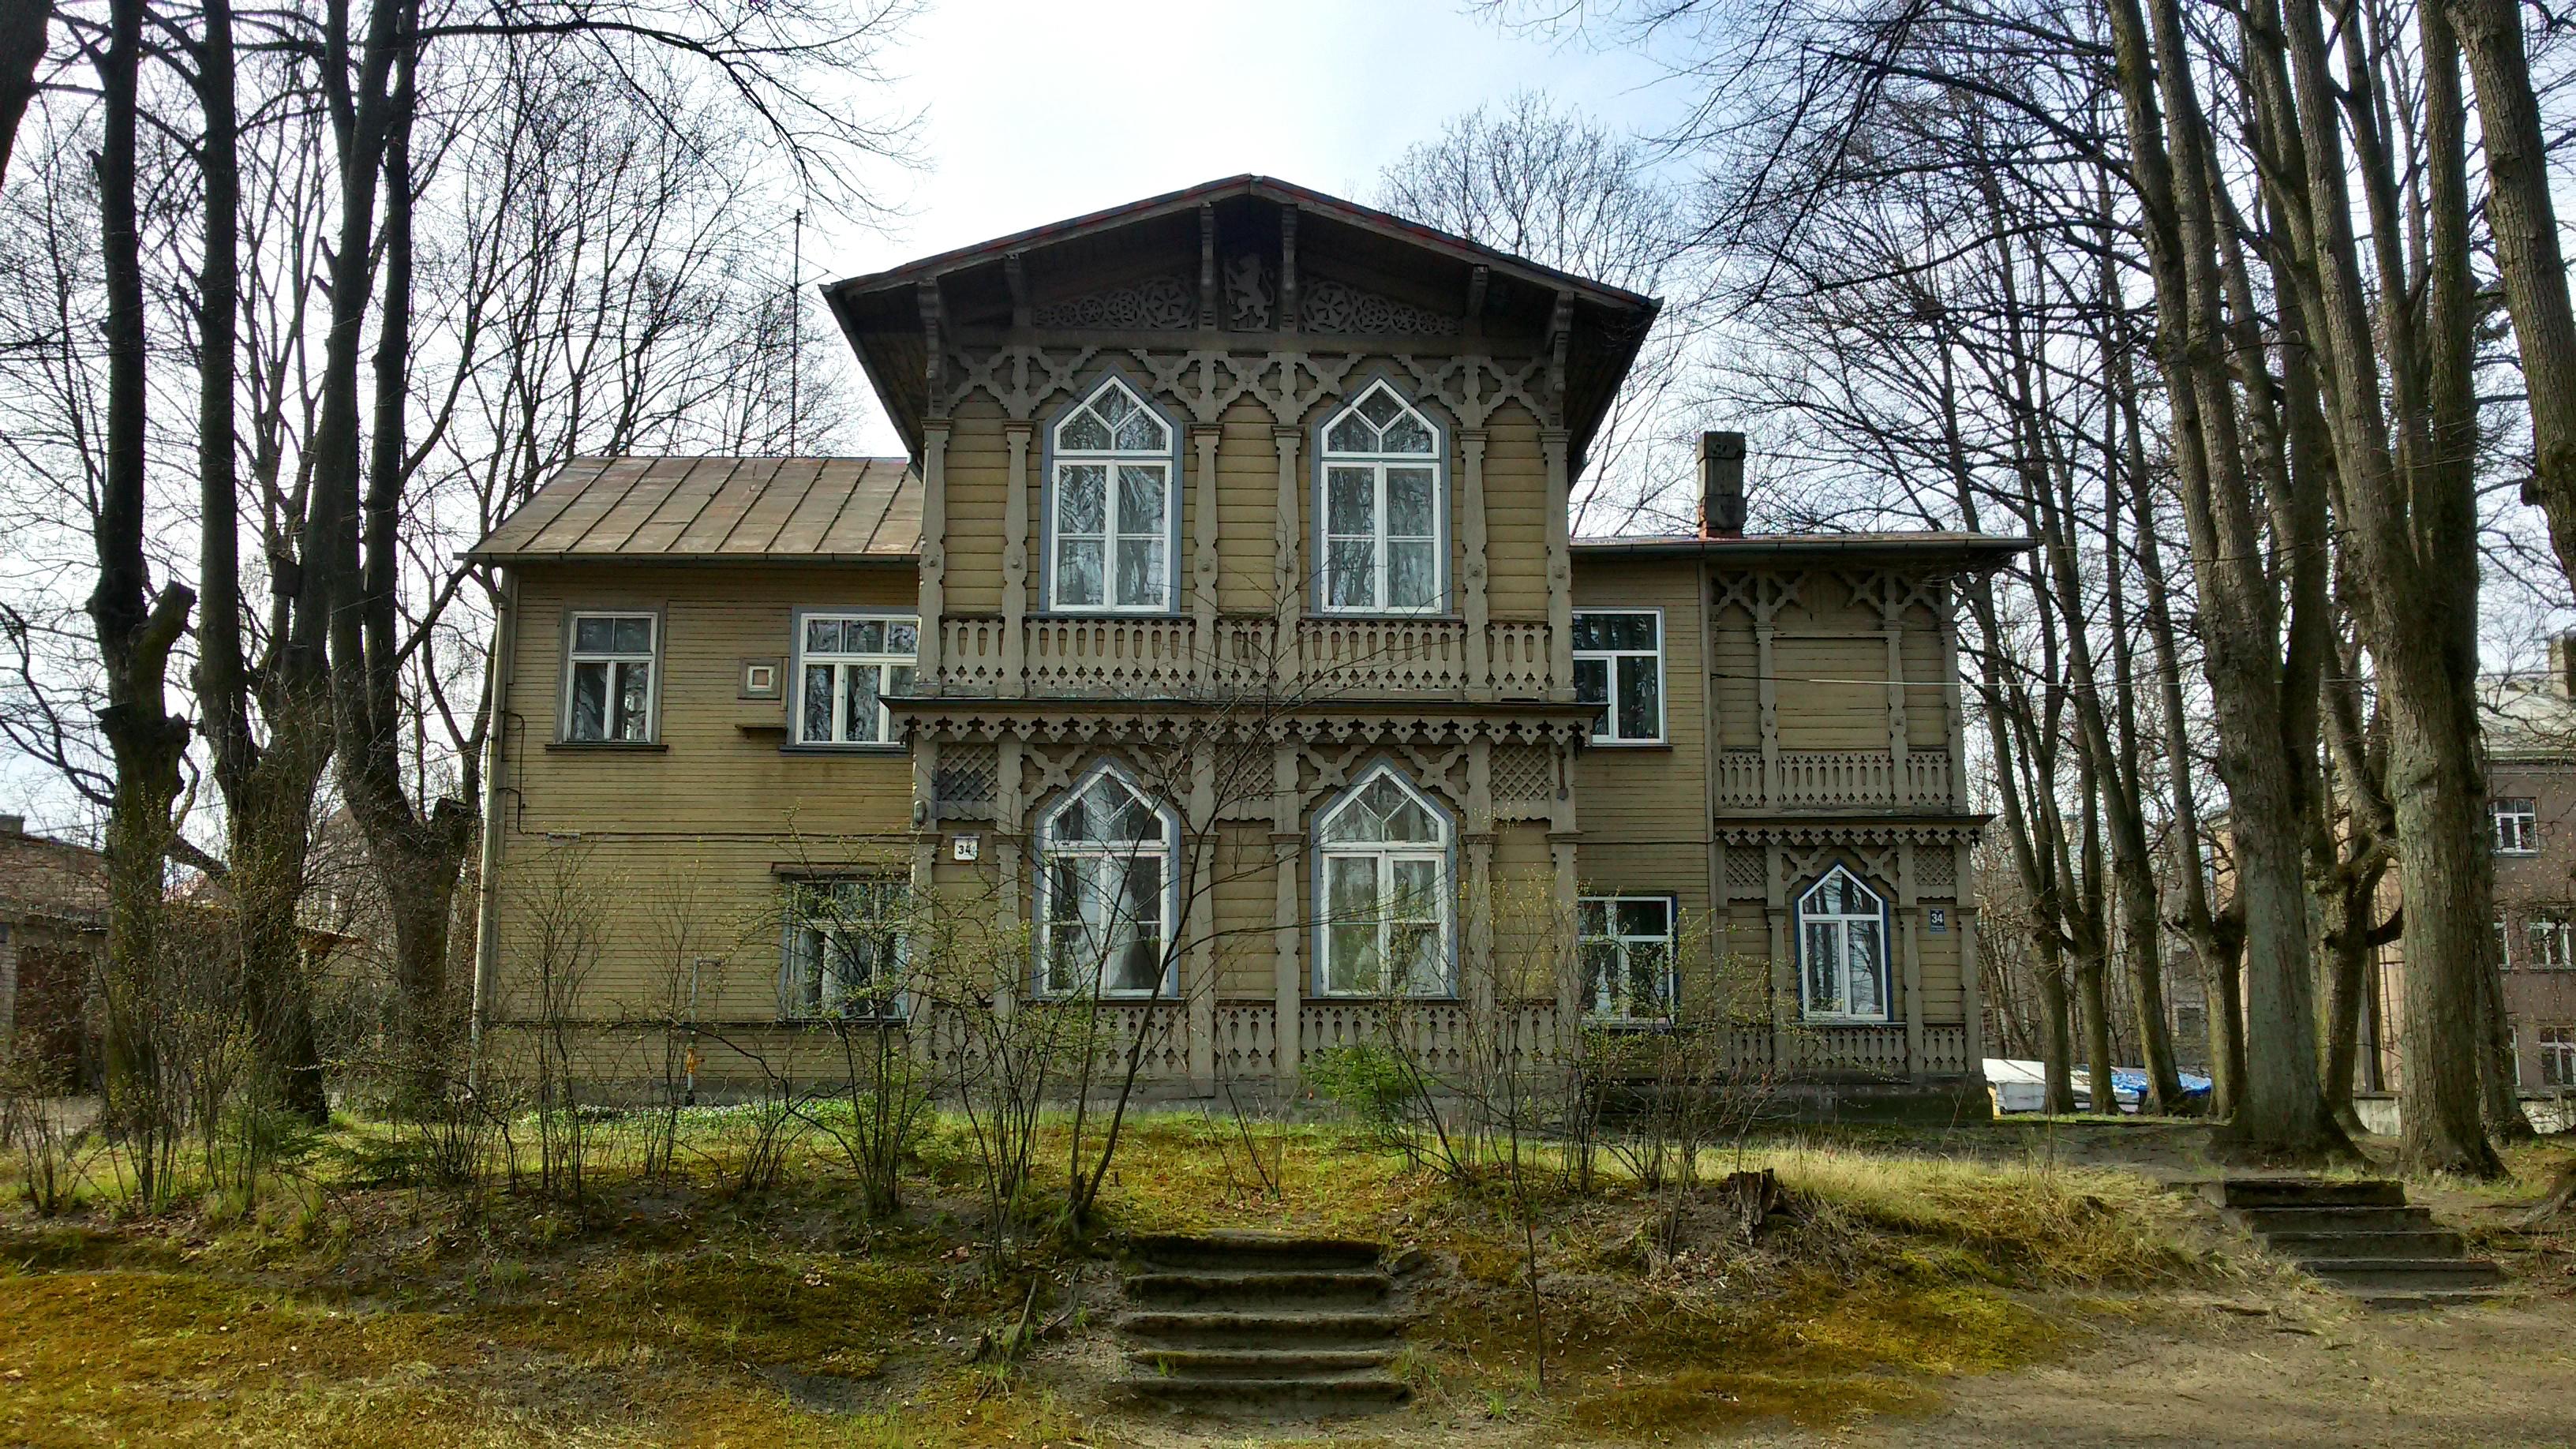 Особняк по адресу Даугавгривас 34, 1880, архитектор Р. Флюг.